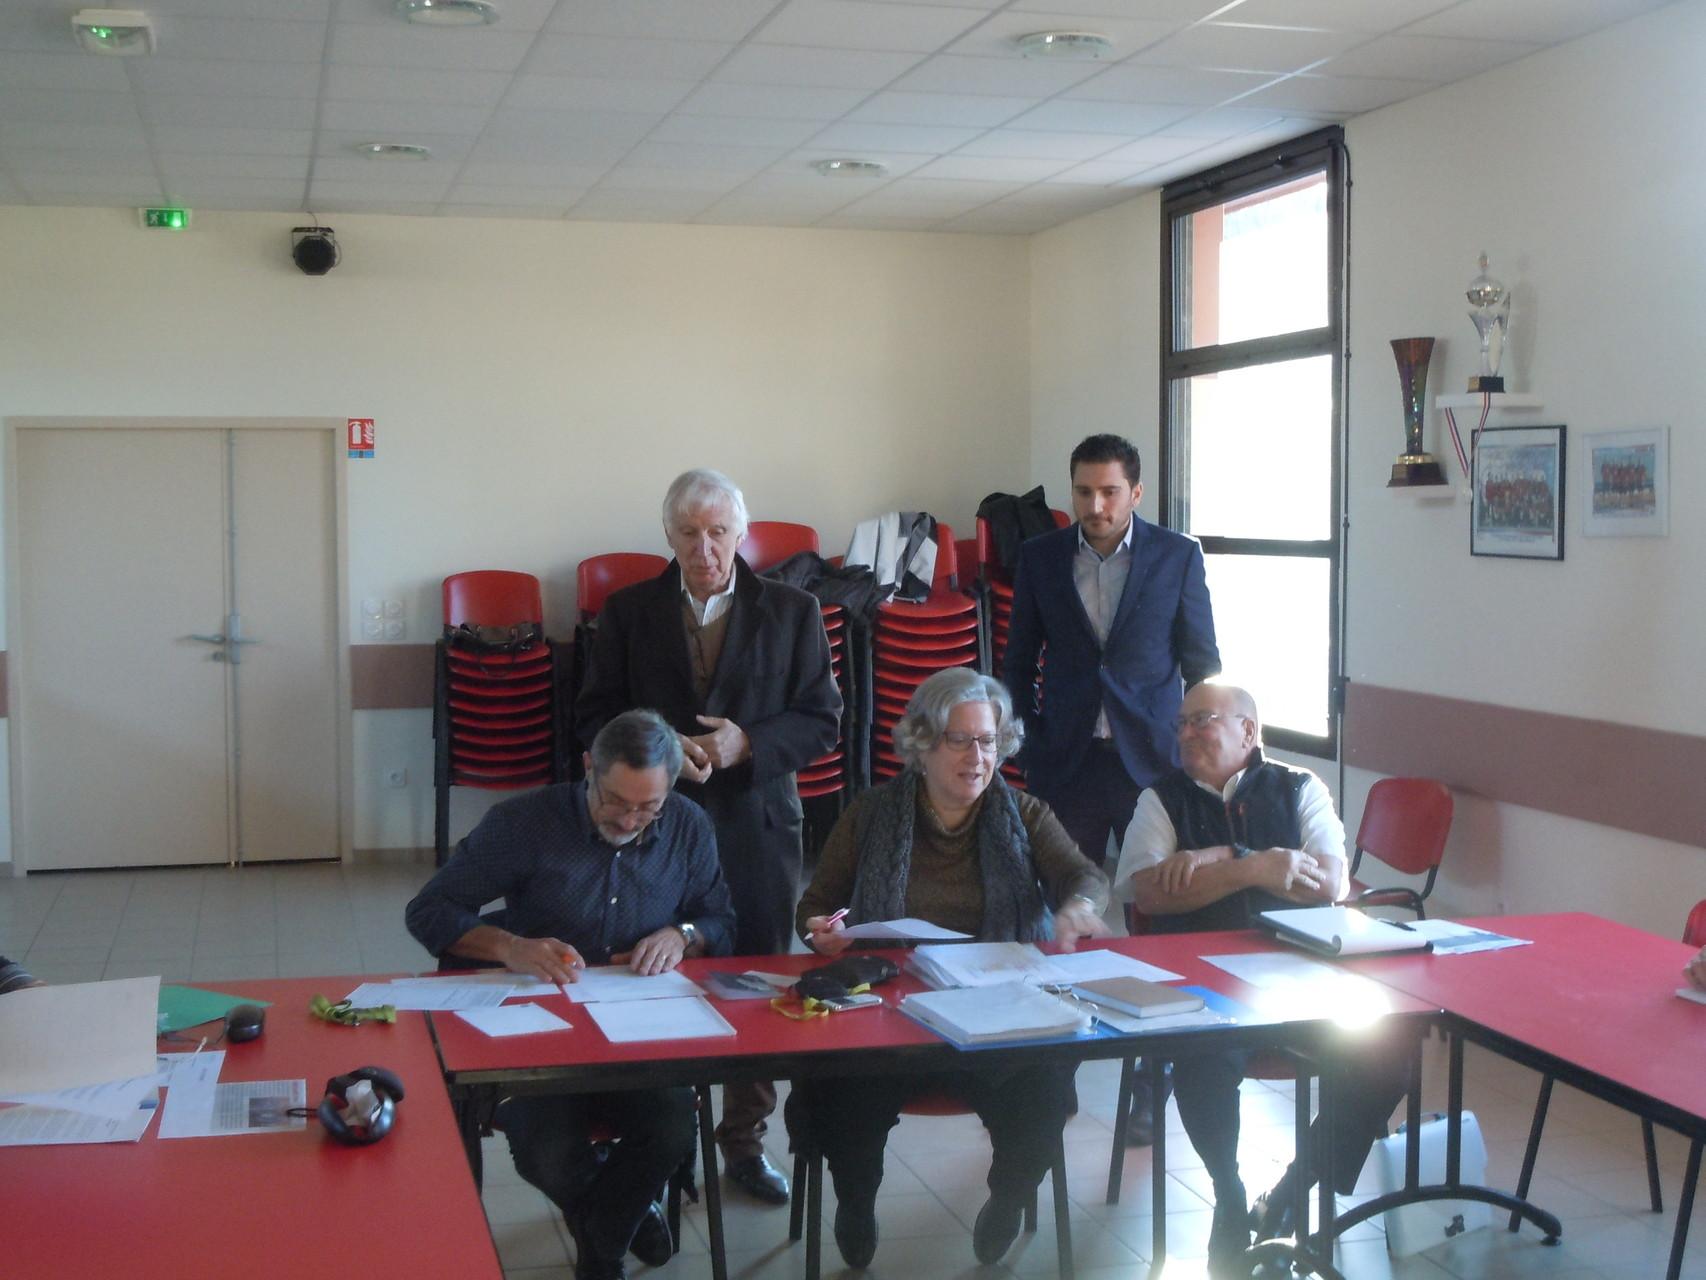 MM Chapuis, Duc, debout et Poux,Dupont et Y.SAINT-CLAIR assis